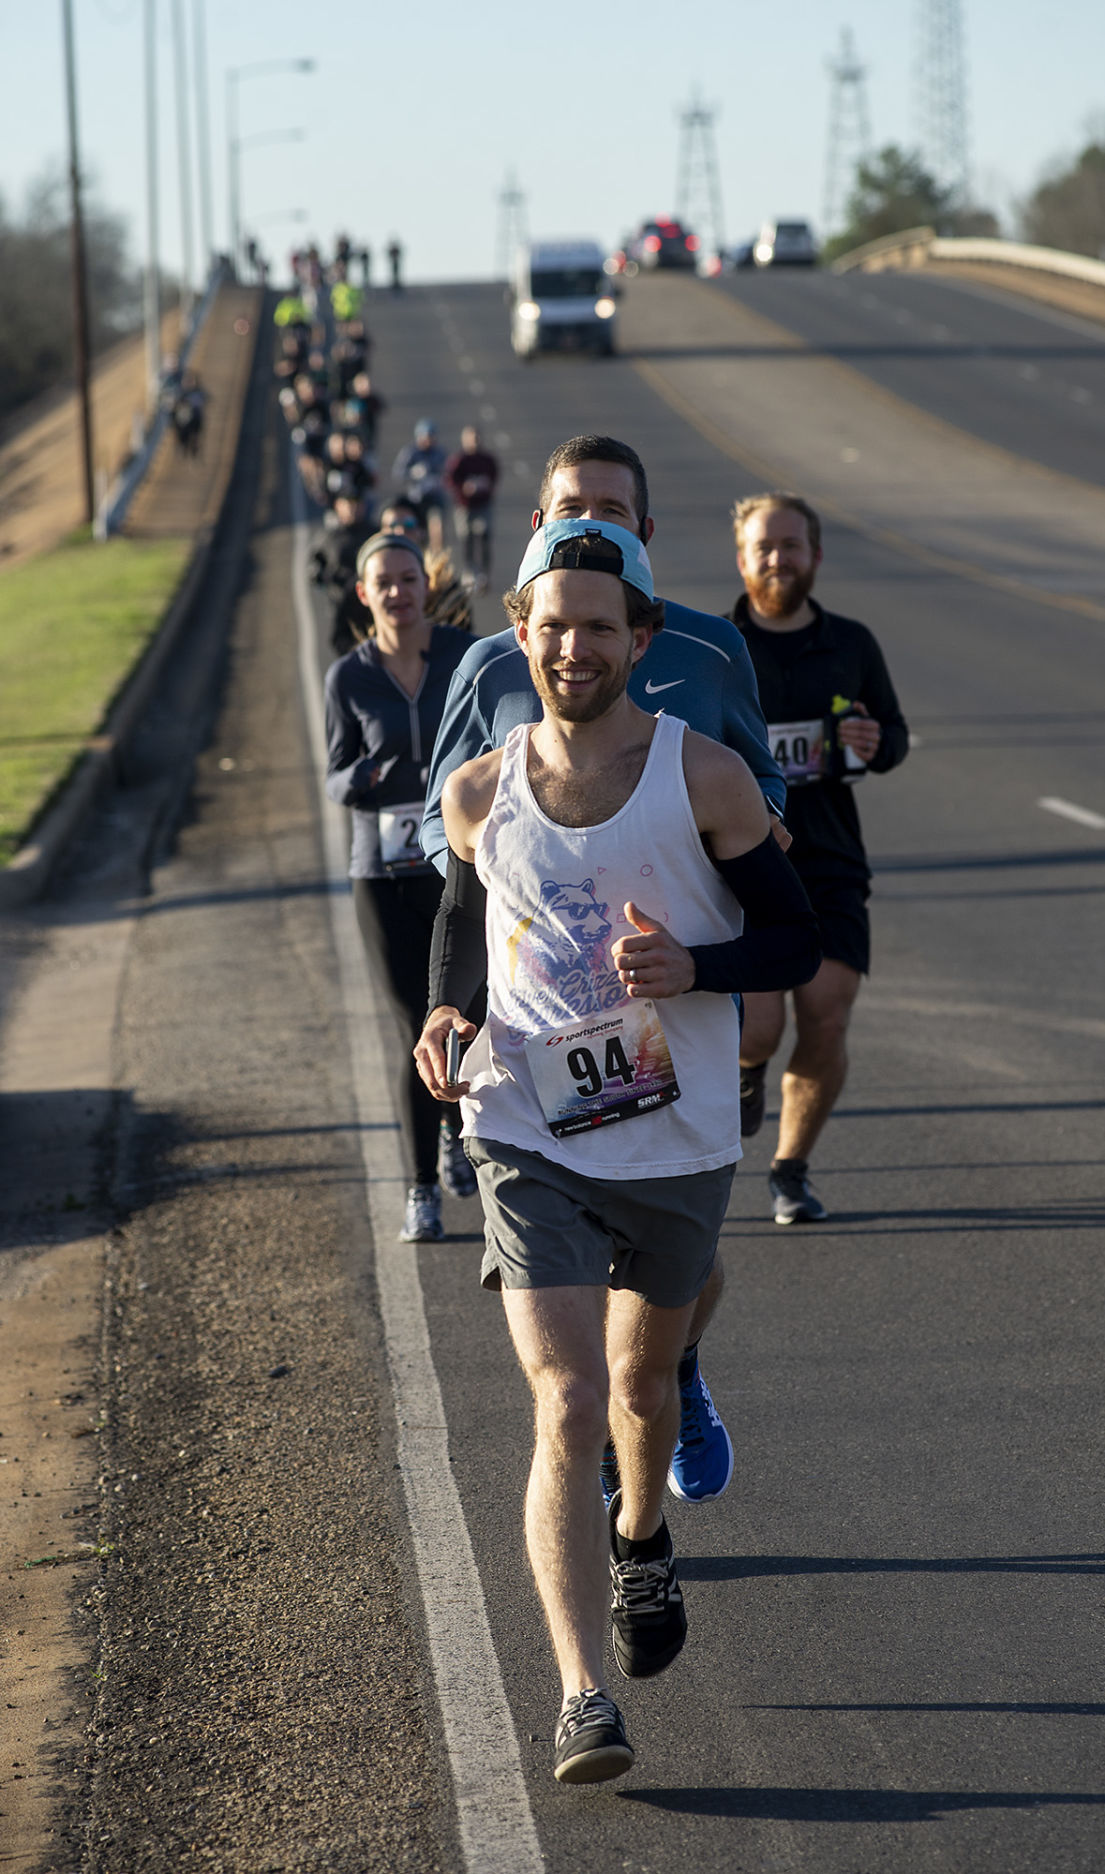 Kilgore to Longview 11 Mile Run